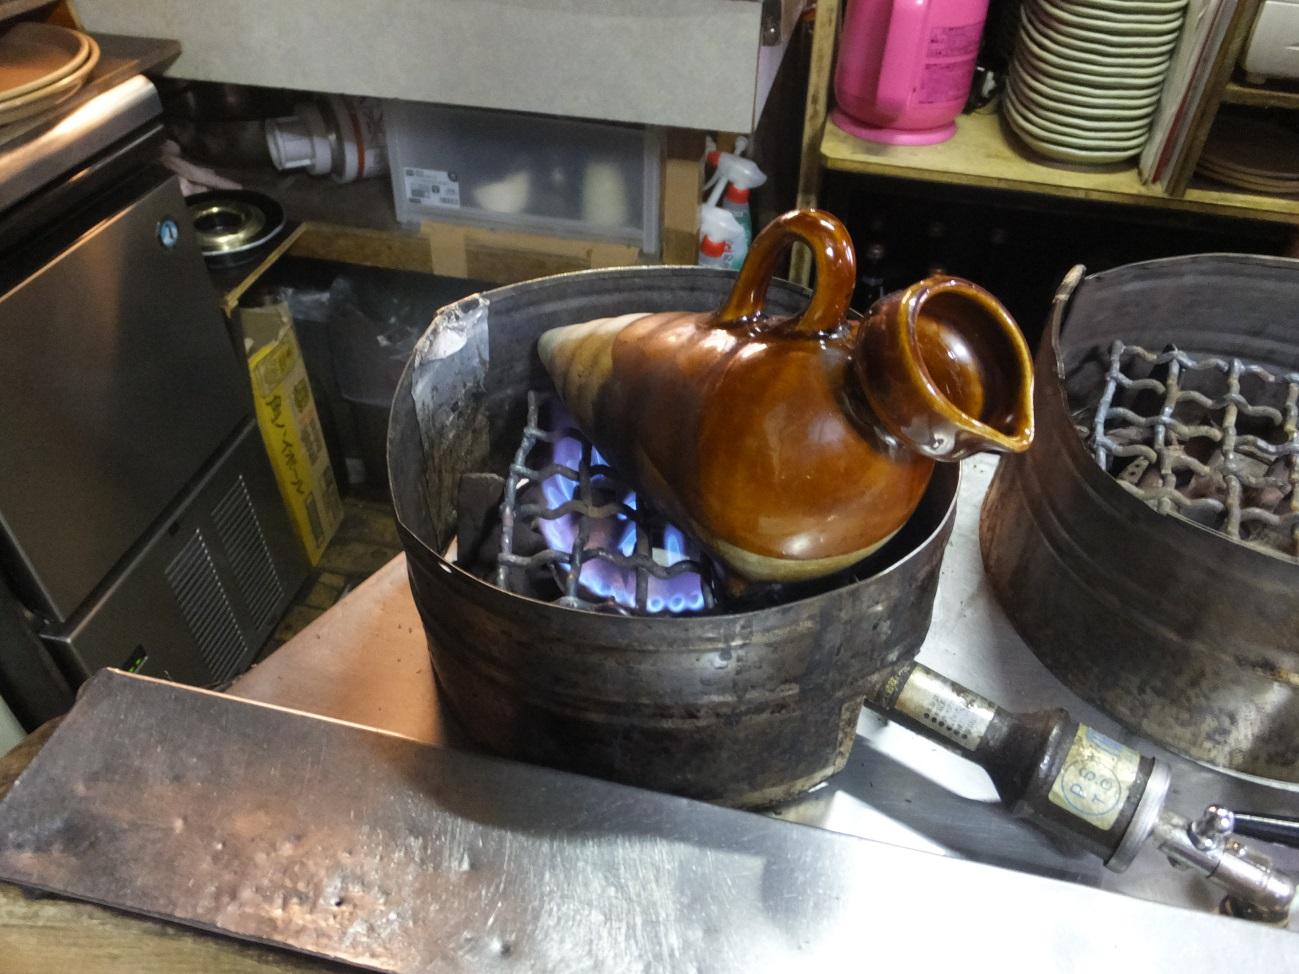 直火で御燗にします。この直火スタイルがハト燗の形を生み出したのですね!